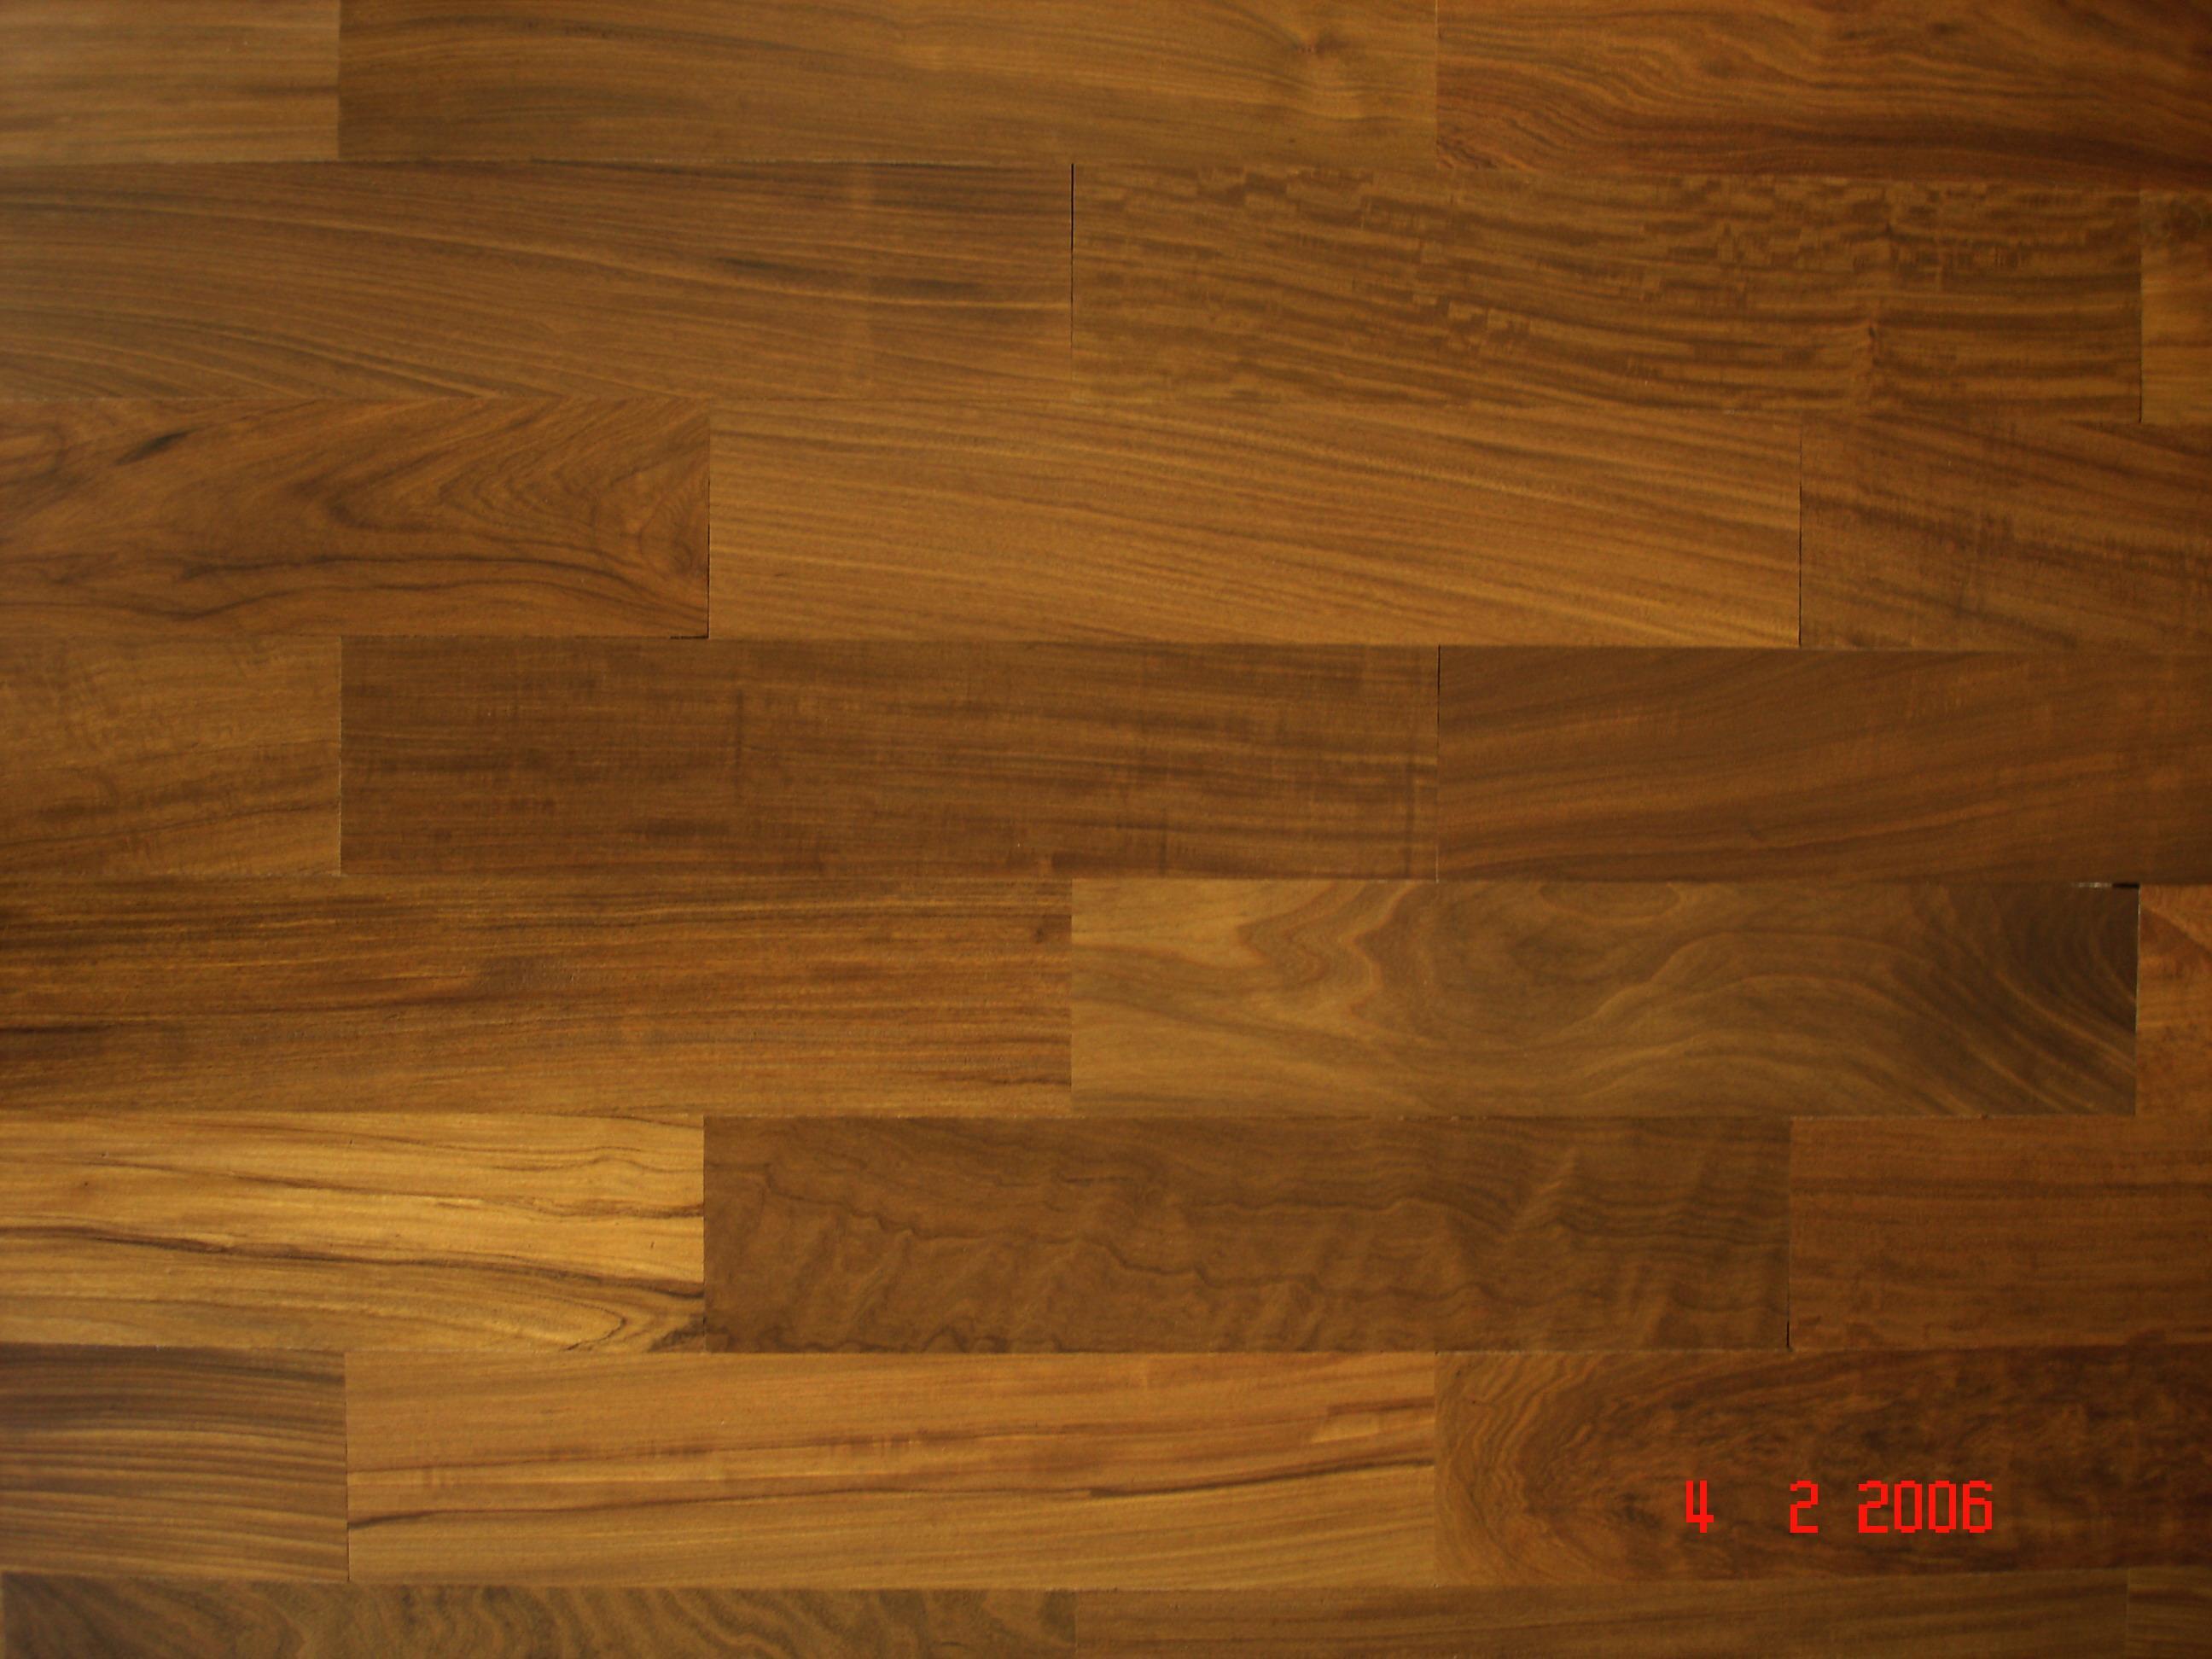 laver plancher flottant fonce devi travaux vitry sur seine soci t uqxztze. Black Bedroom Furniture Sets. Home Design Ideas